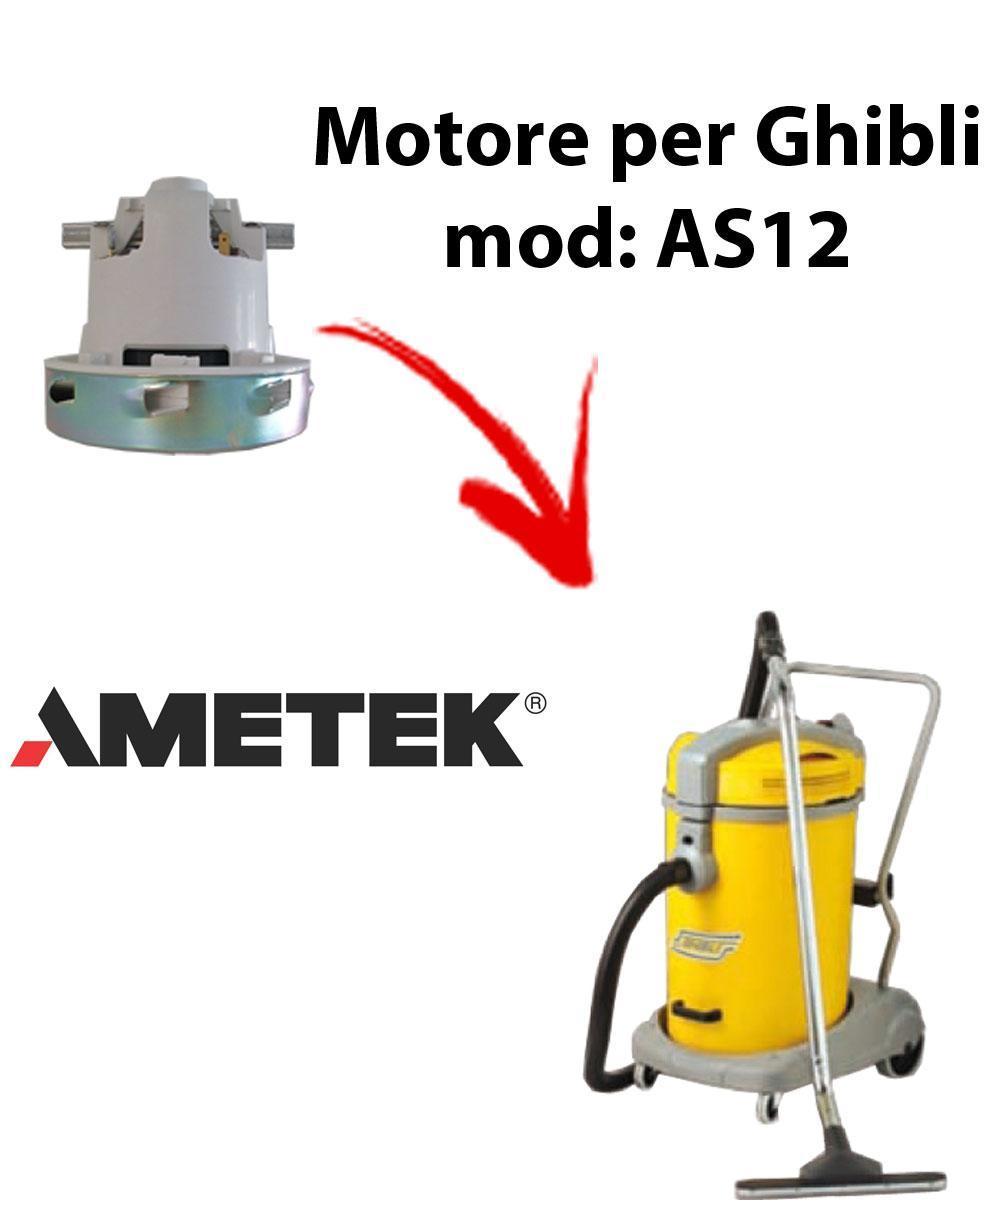 AS12 Saugmotor AMETEK für Staubsauger GHIBLI